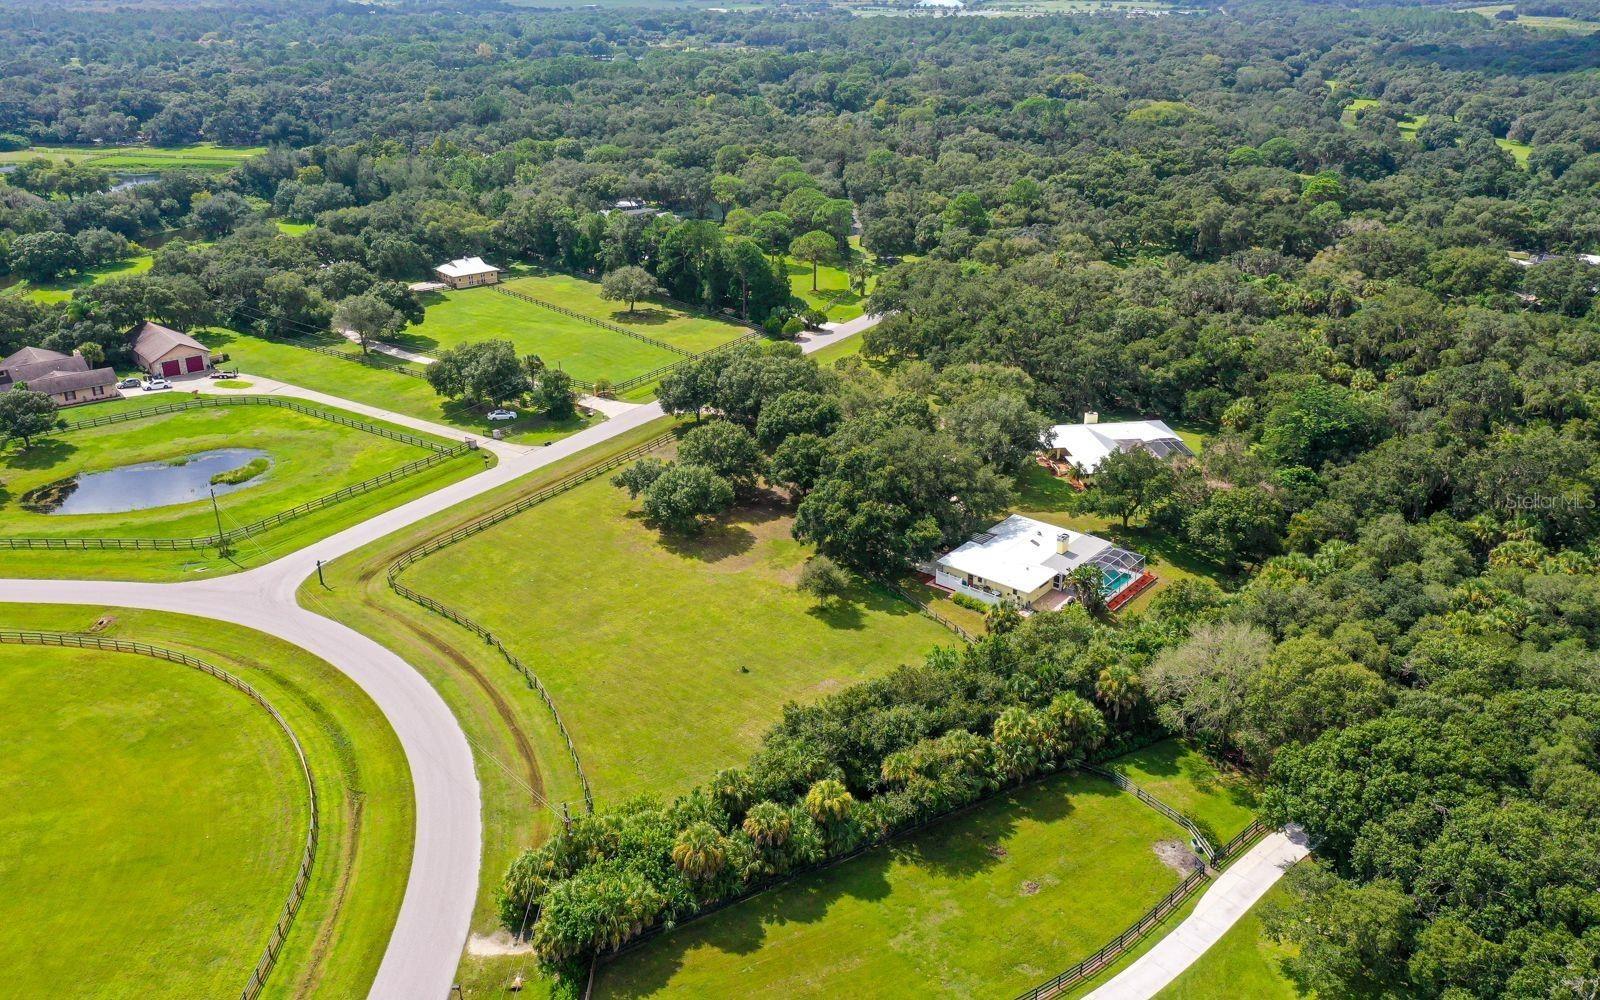 Photo of 7352 PALOMINO LANE, SARASOTA, FL 34241 (MLS # A4513066)